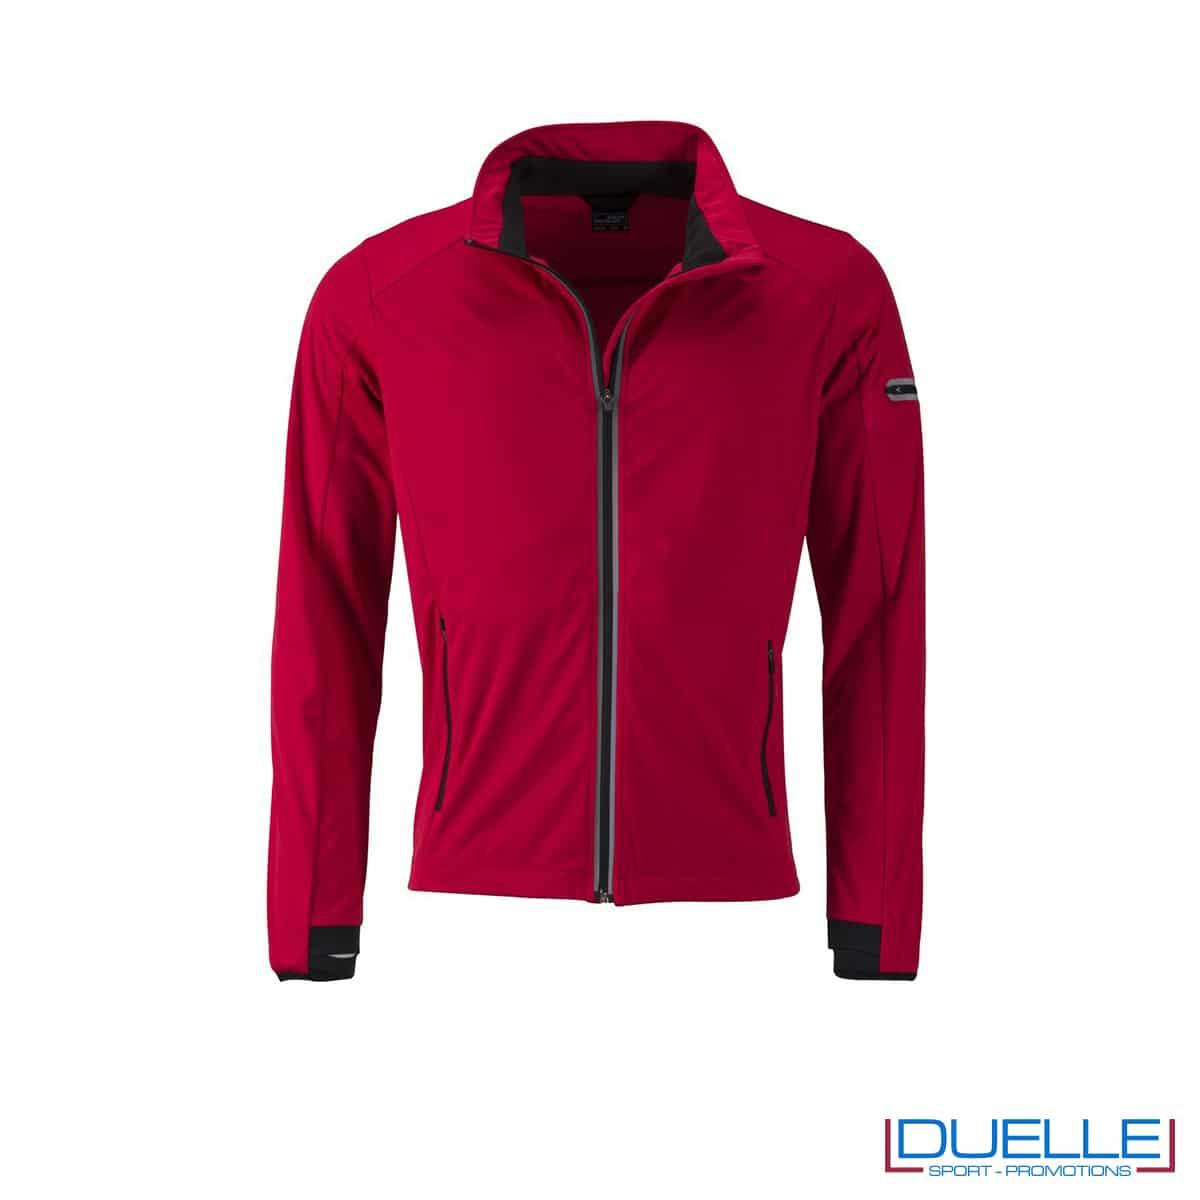 Giacca softshell traspirante colore rosso promozionale